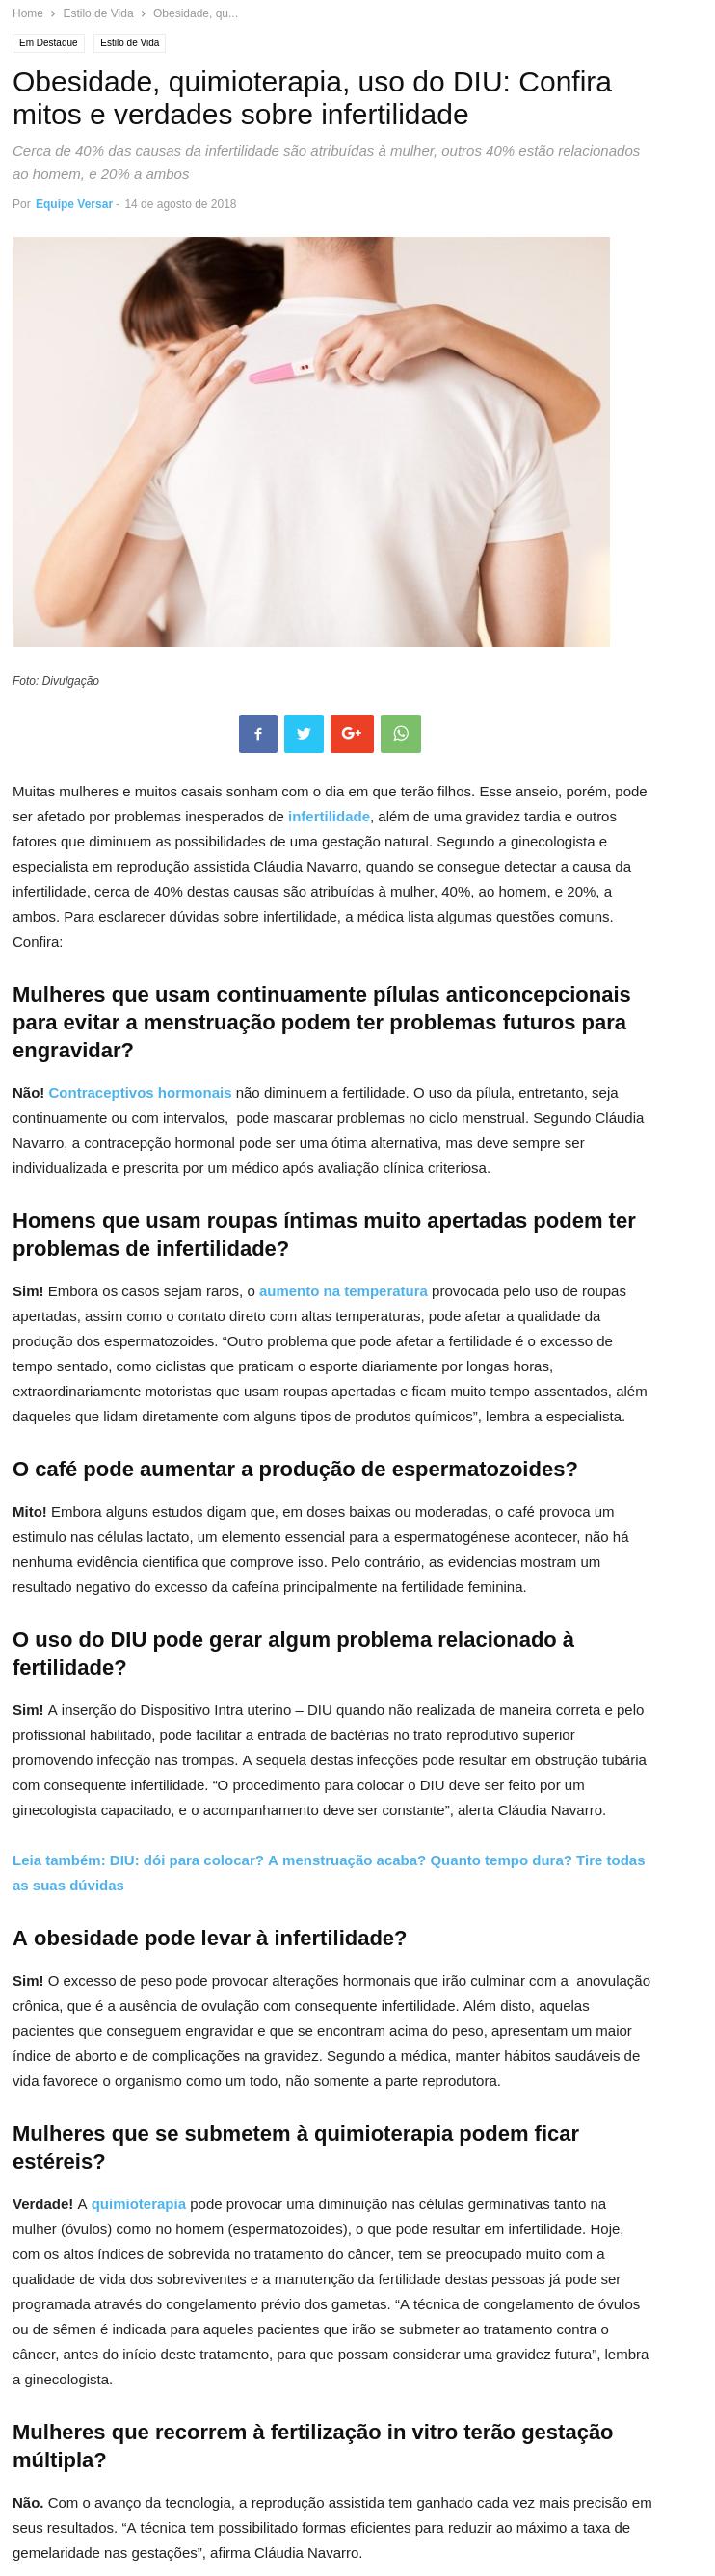 Revista Versar (site e facebook) – Obesidade, quimioterapia, uso do DIU: Confira mitos e verdades sobre infertilidade